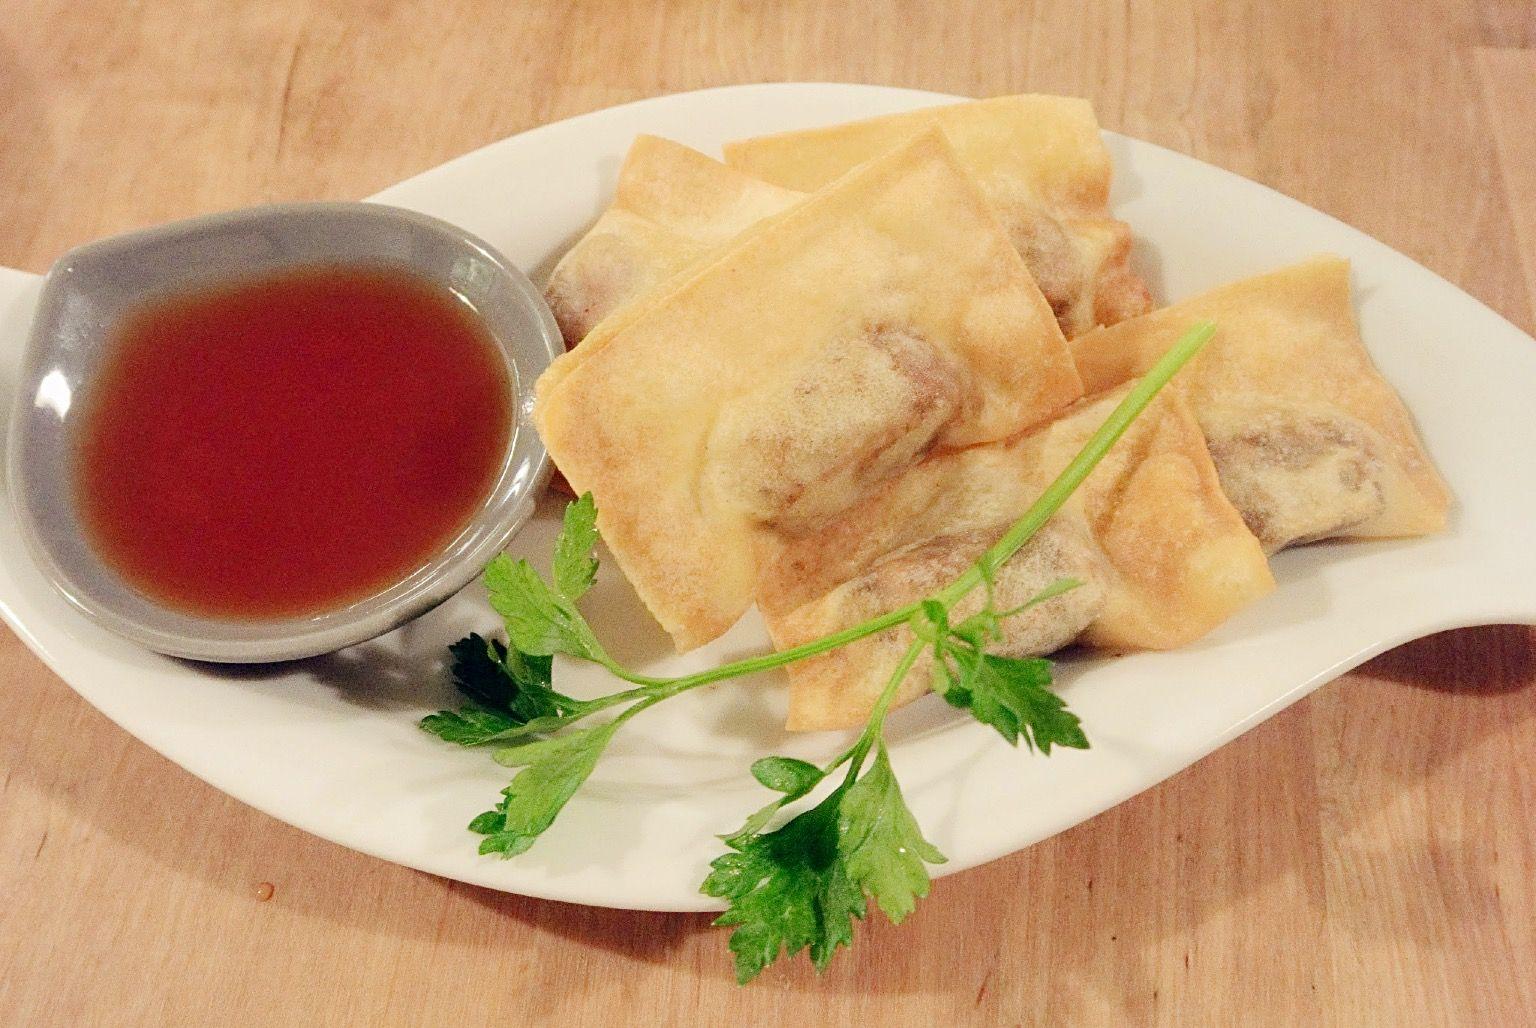 Friteerattuja tofupaloja ja hapanimeläkastiketta 5€/5kpl